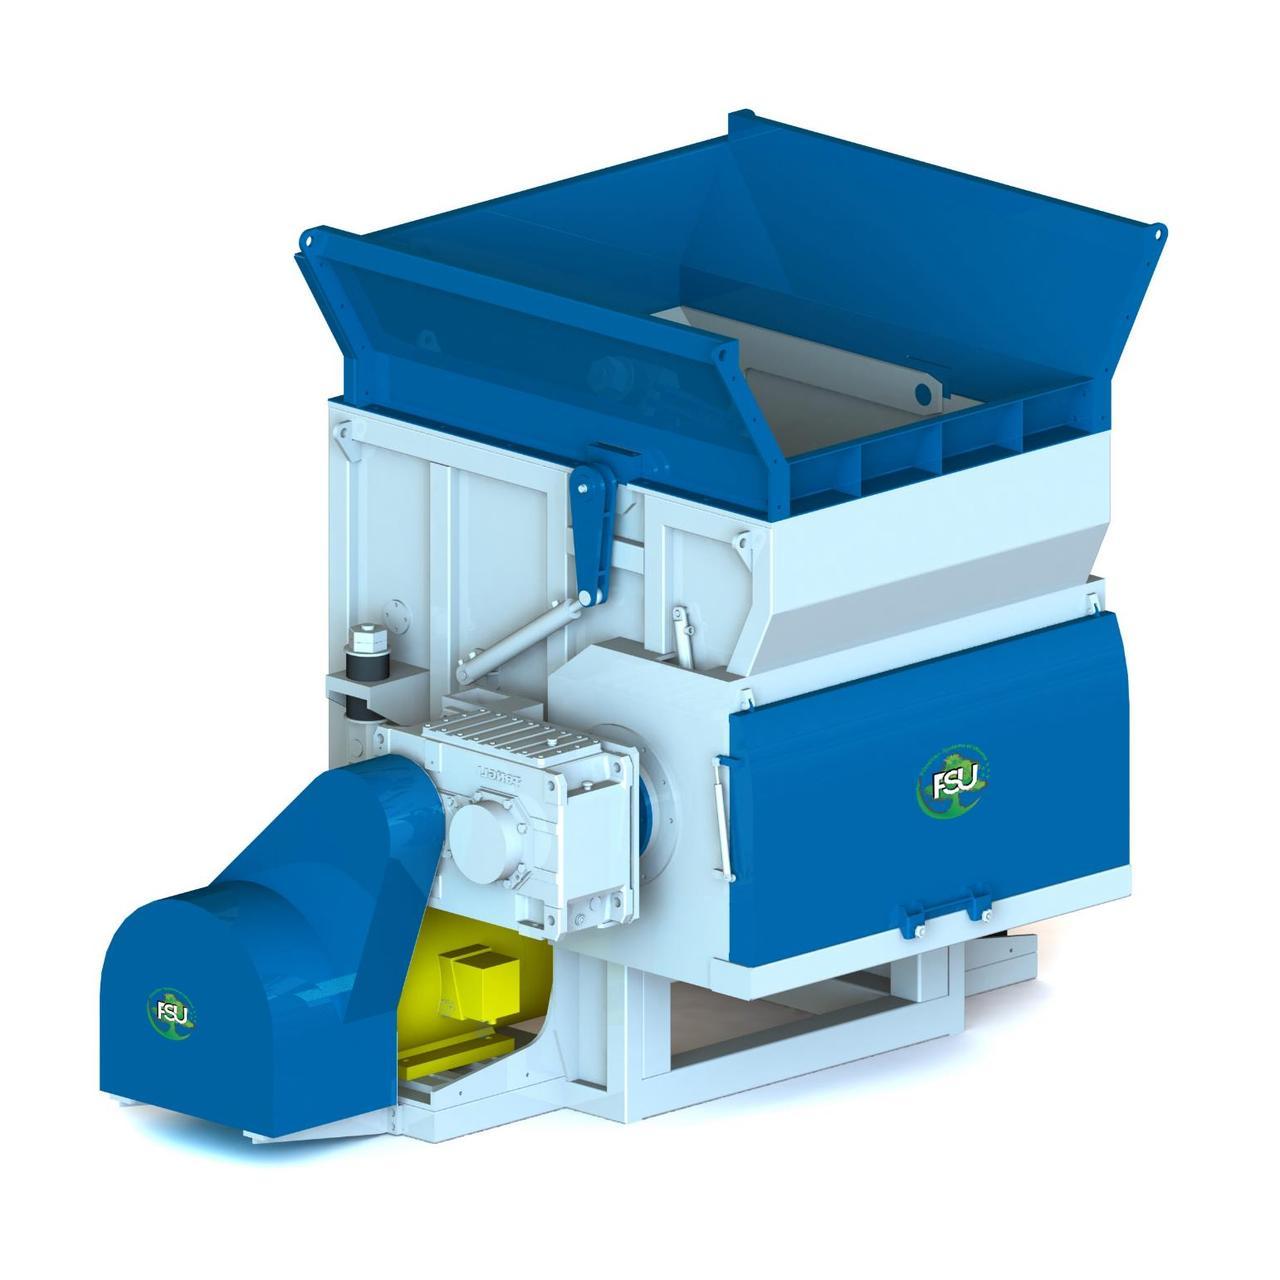 Измельчитель (шредер) для уничтожения резиновых изделий типа FSU